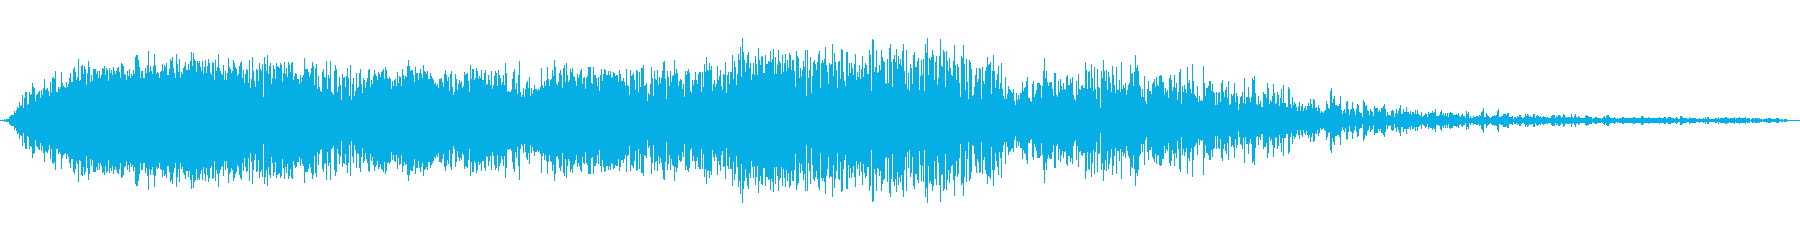 ビッグヘビーロケットフーの再生済みの波形